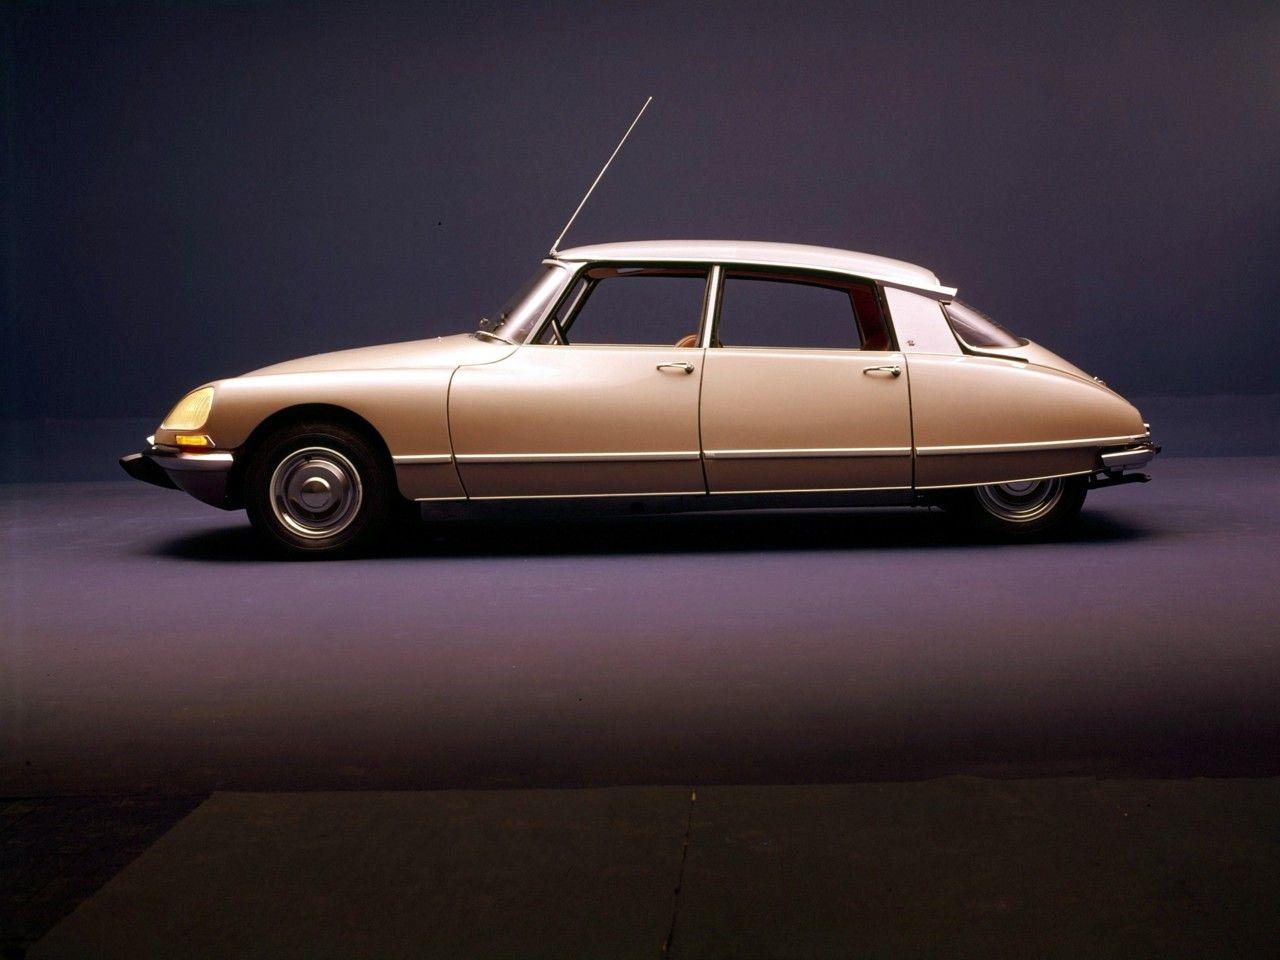 1968 citron ds 21 berline motor vehicles pinterest cars 1968 citron ds 21 berline vanachro Images